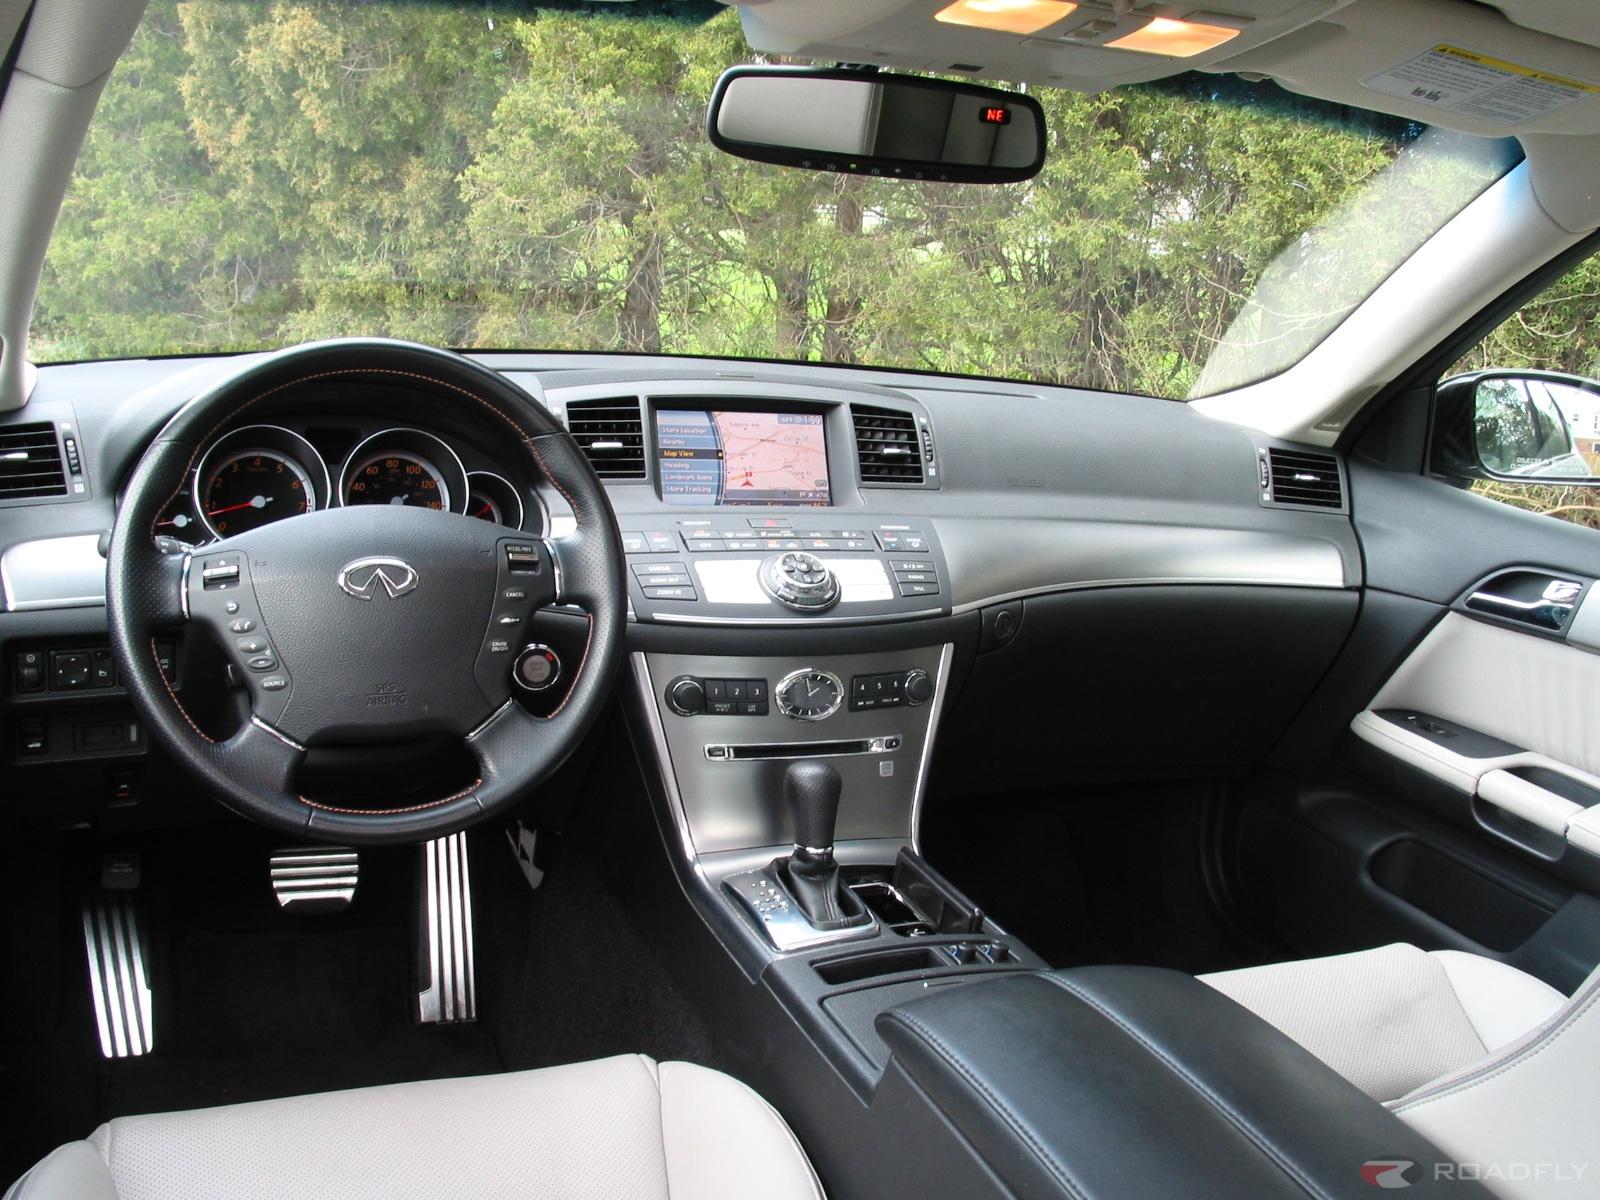 ROVER 45 interior